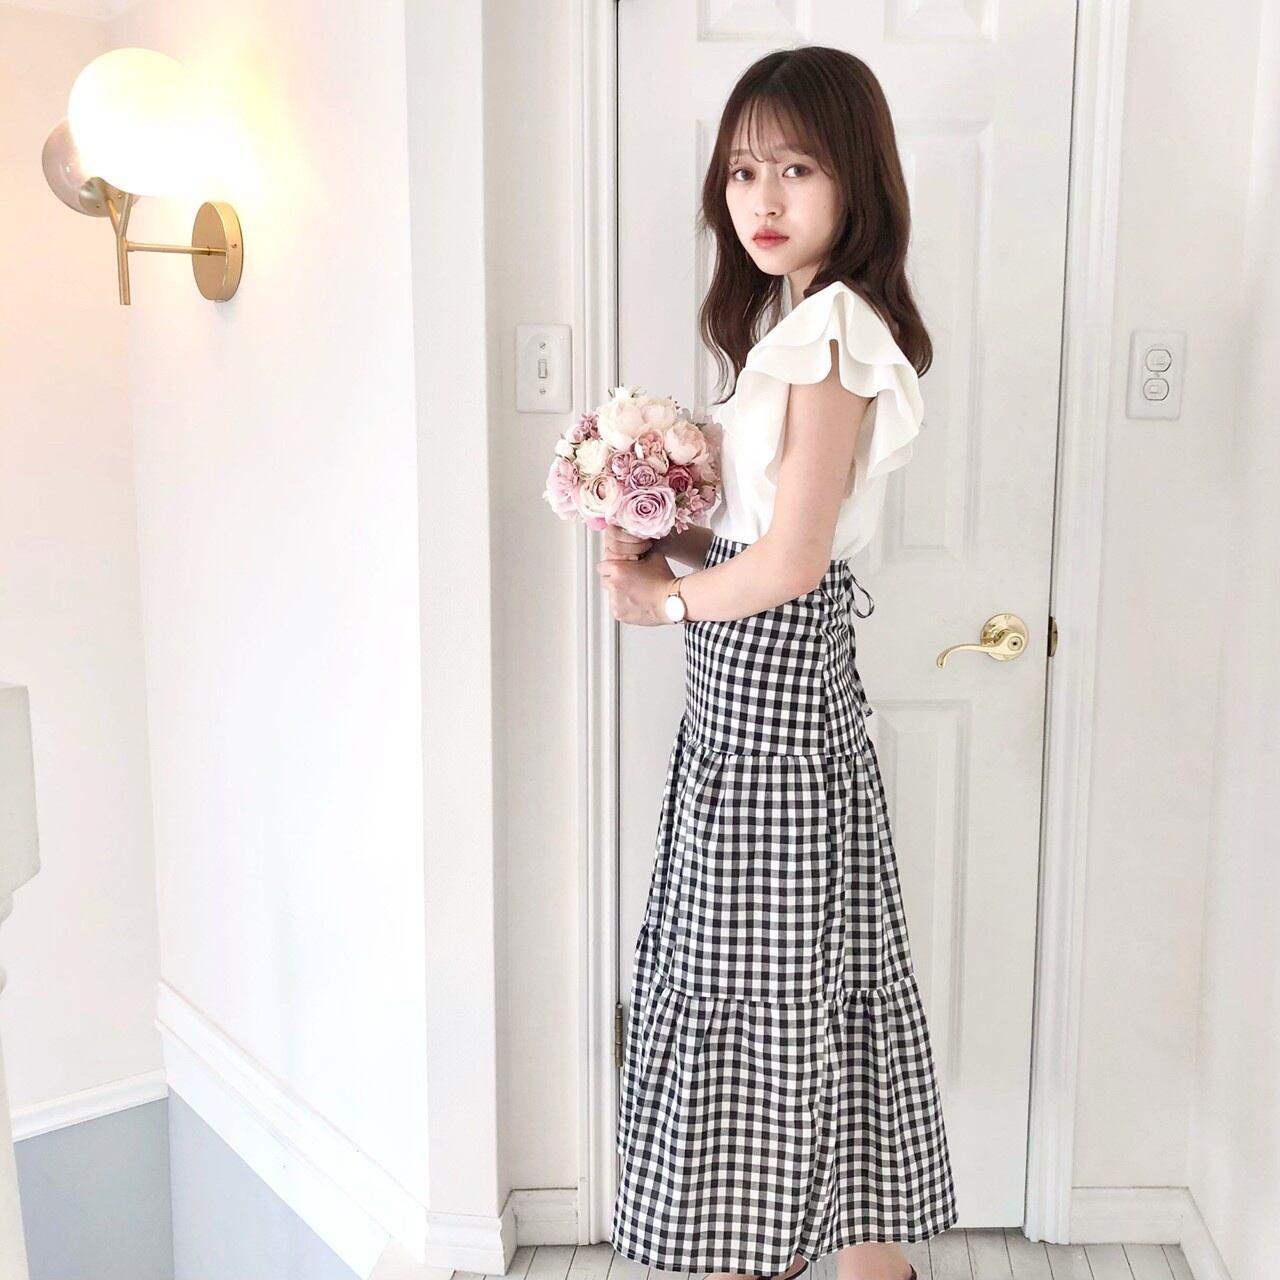 【Fluffy】ギンガムチェックロングスカート